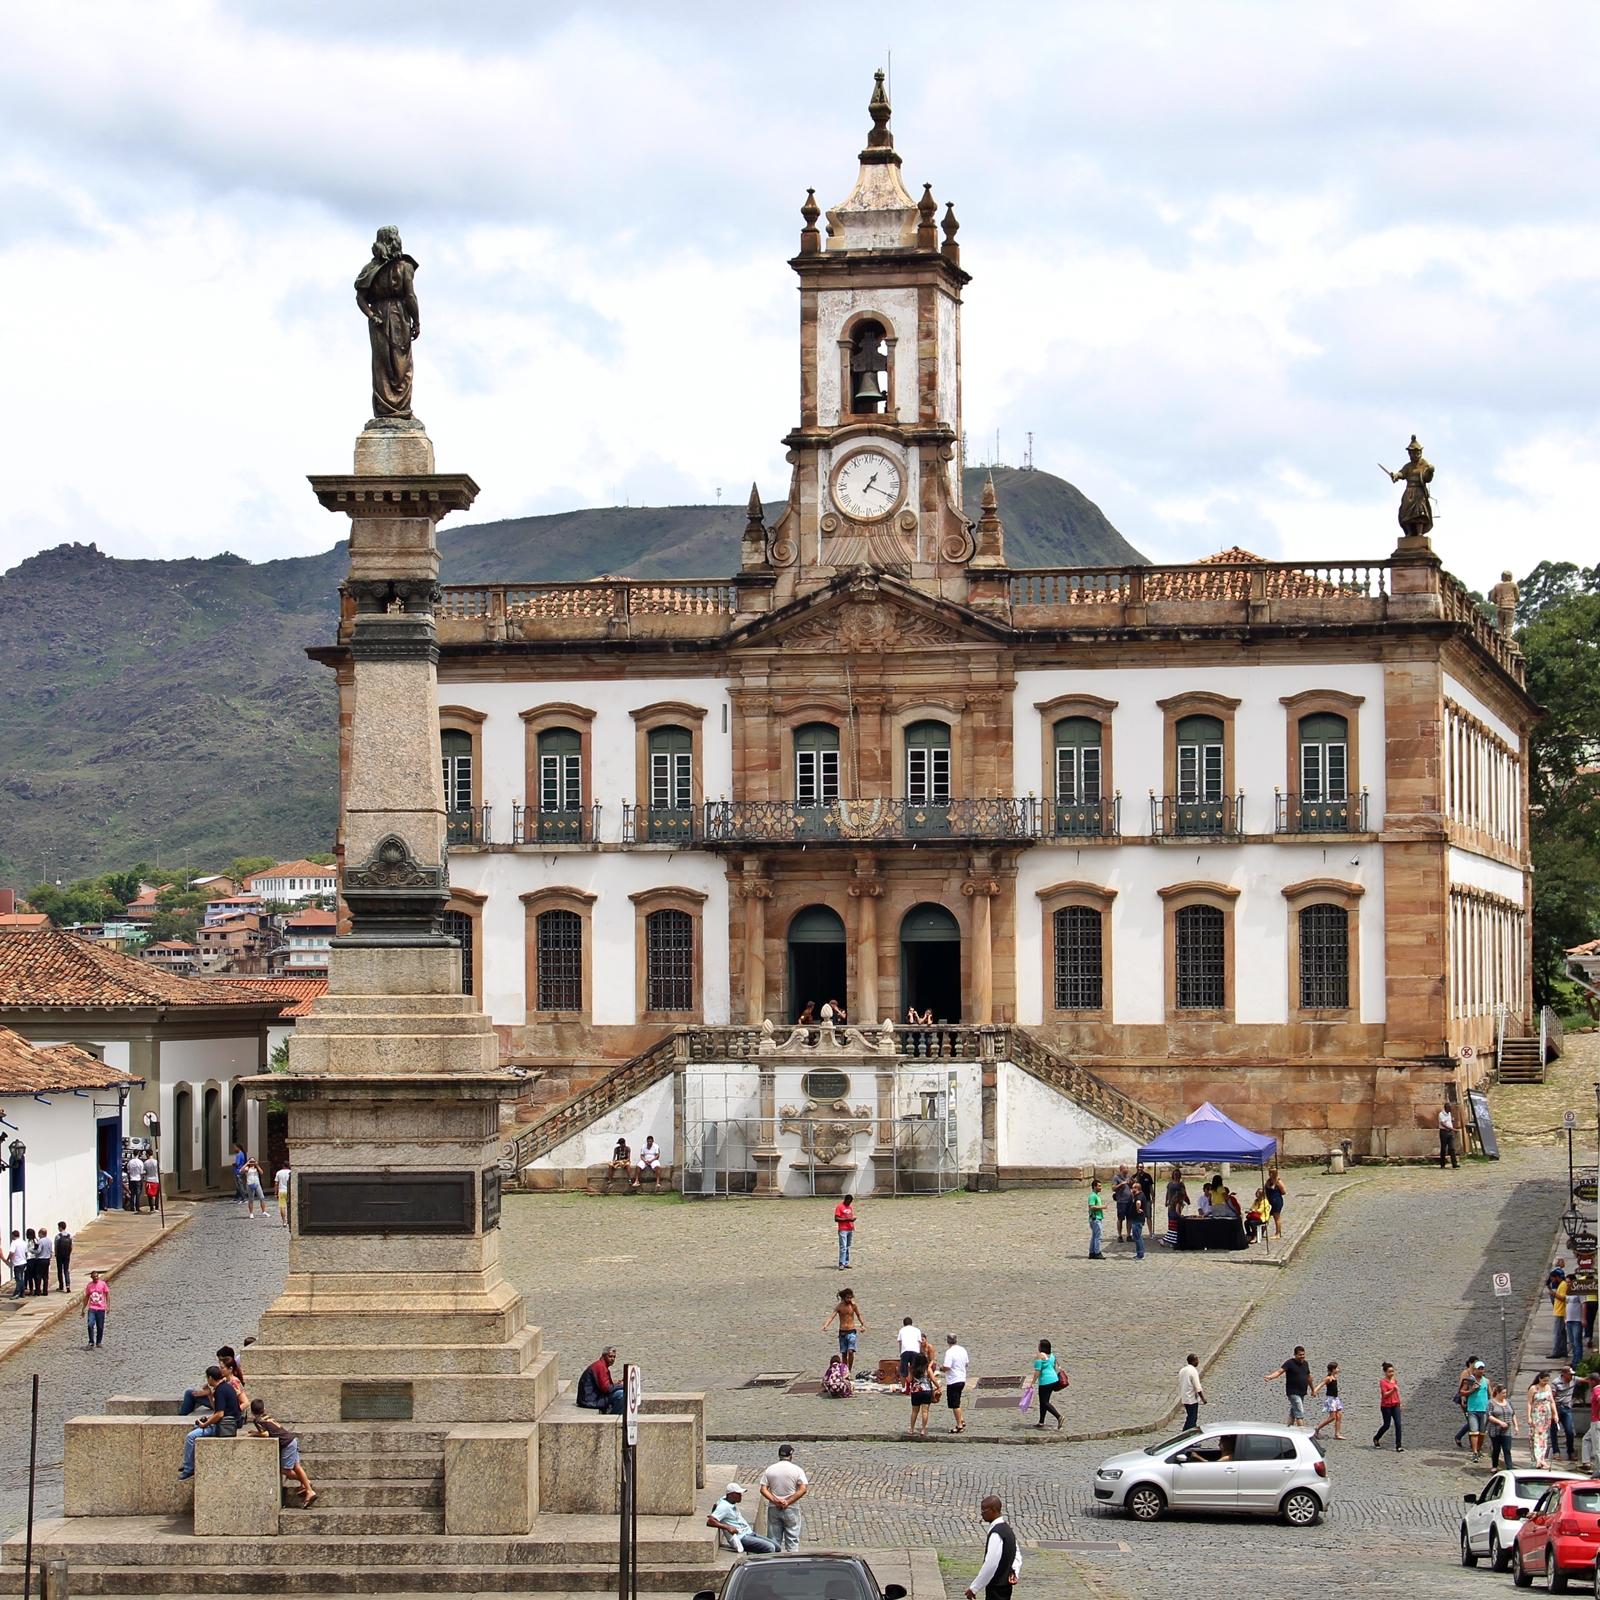 Na Praça Tiradentes está o imponente prédio onde funcionavam a Casa de Câmara e Cadeia de Vila Rica. Hoje, o belíssimo prédio histórico abriga o Museu da Inconfidência.